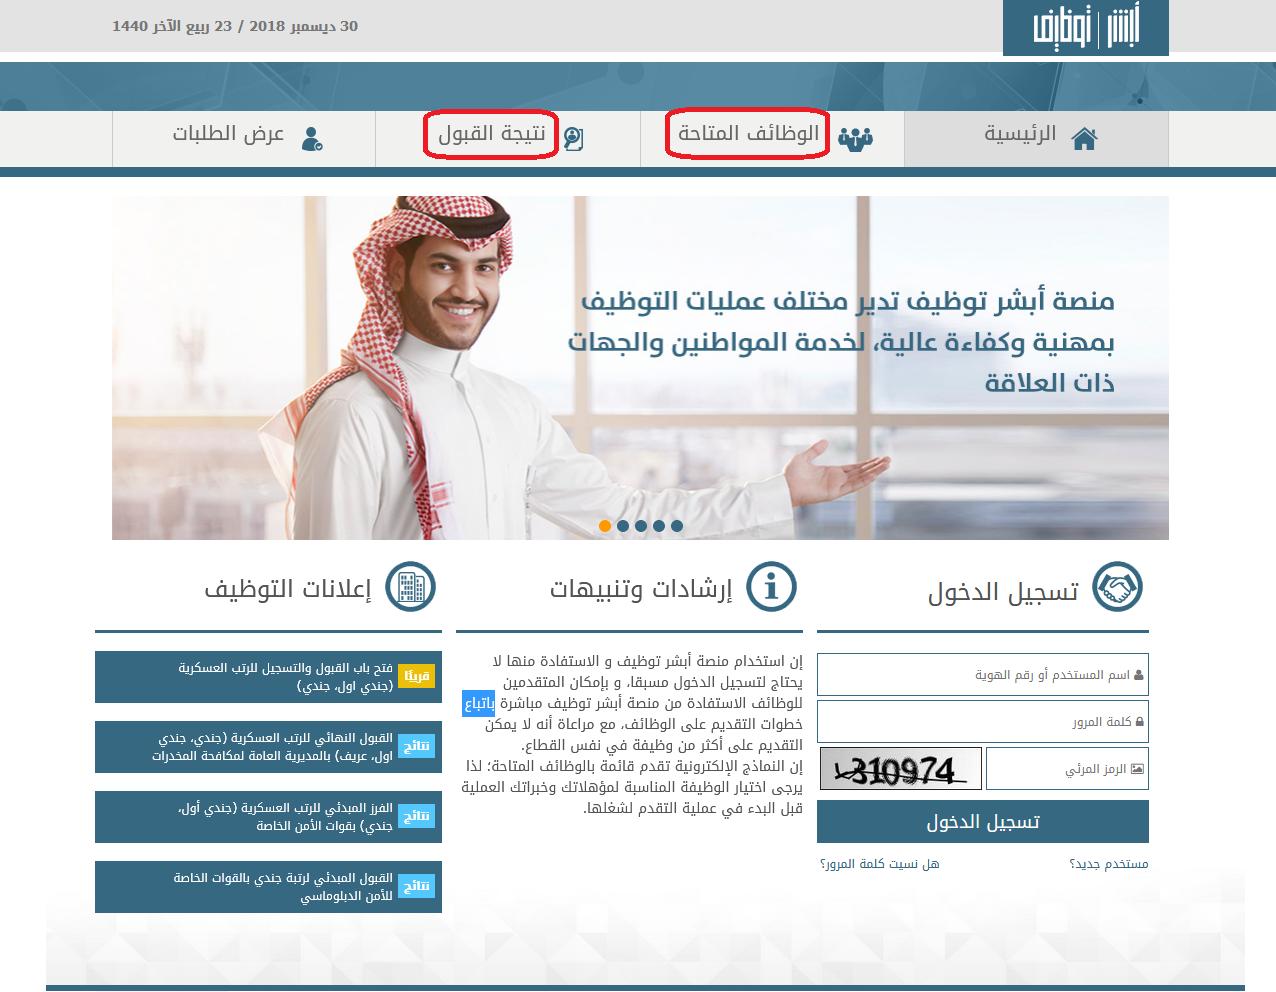 الدفاع المدني - موقع تقديم الدفاع المدني 1440 عبر بوابة أبشر للتوظيف الإلكتروني